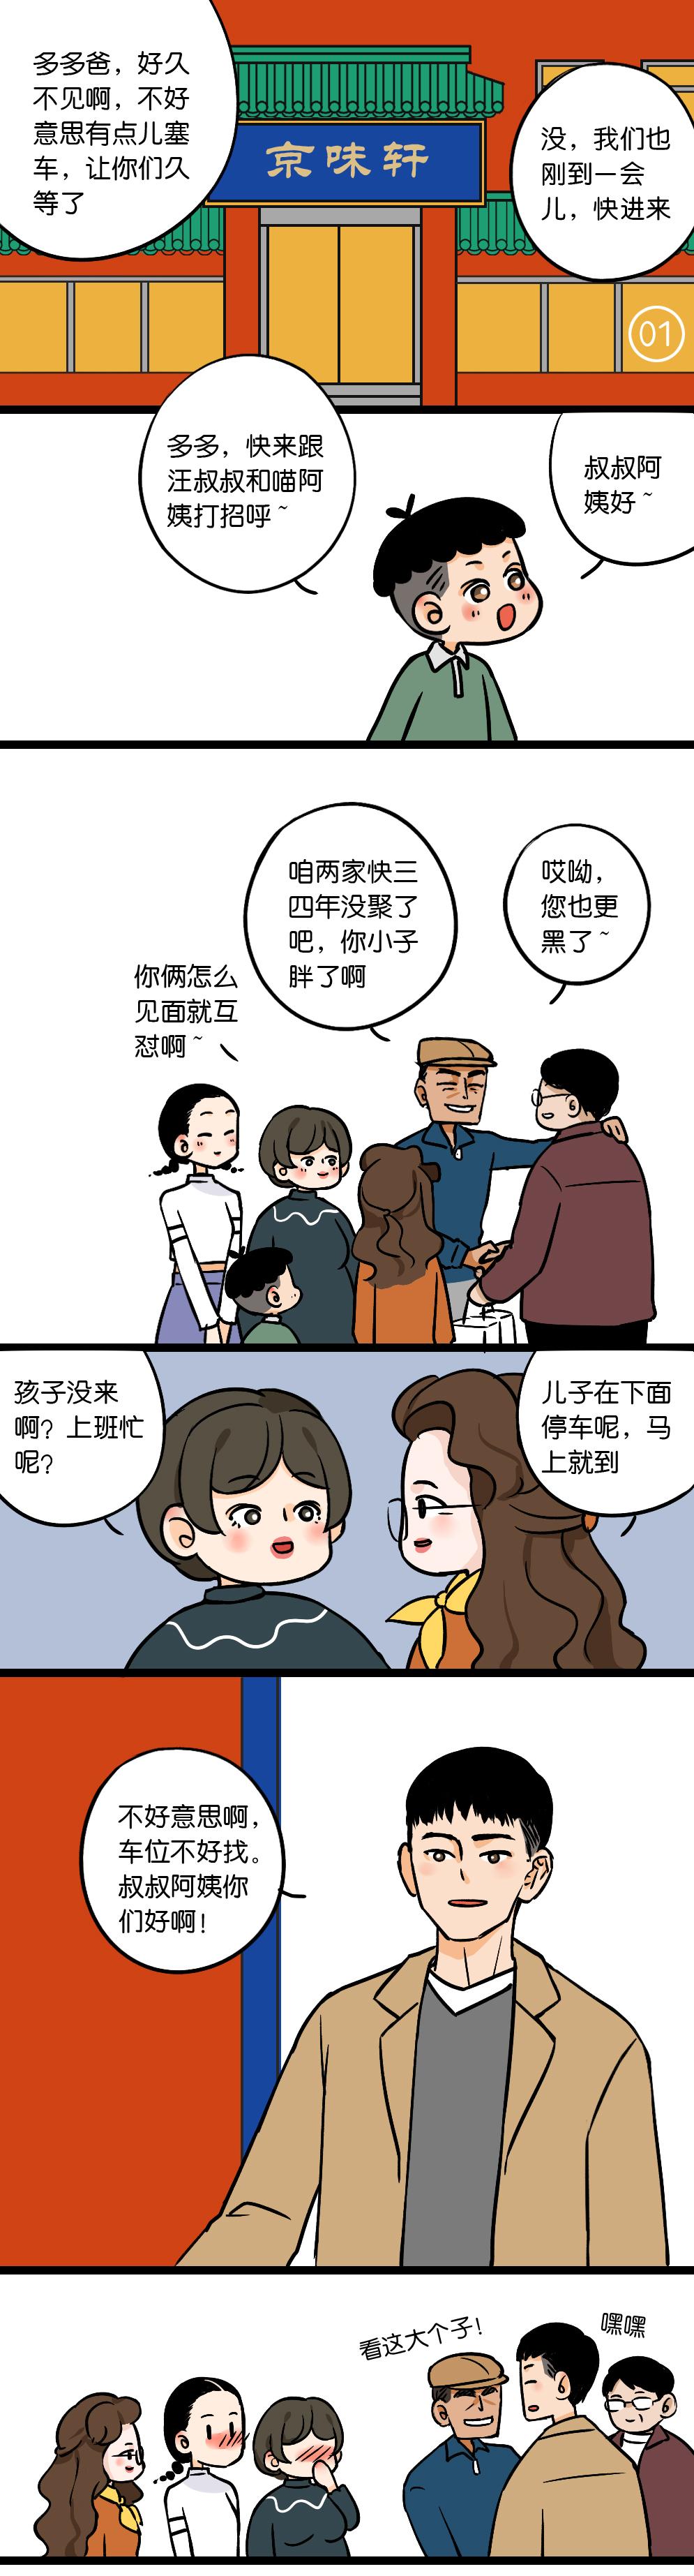 漫画01.jpg